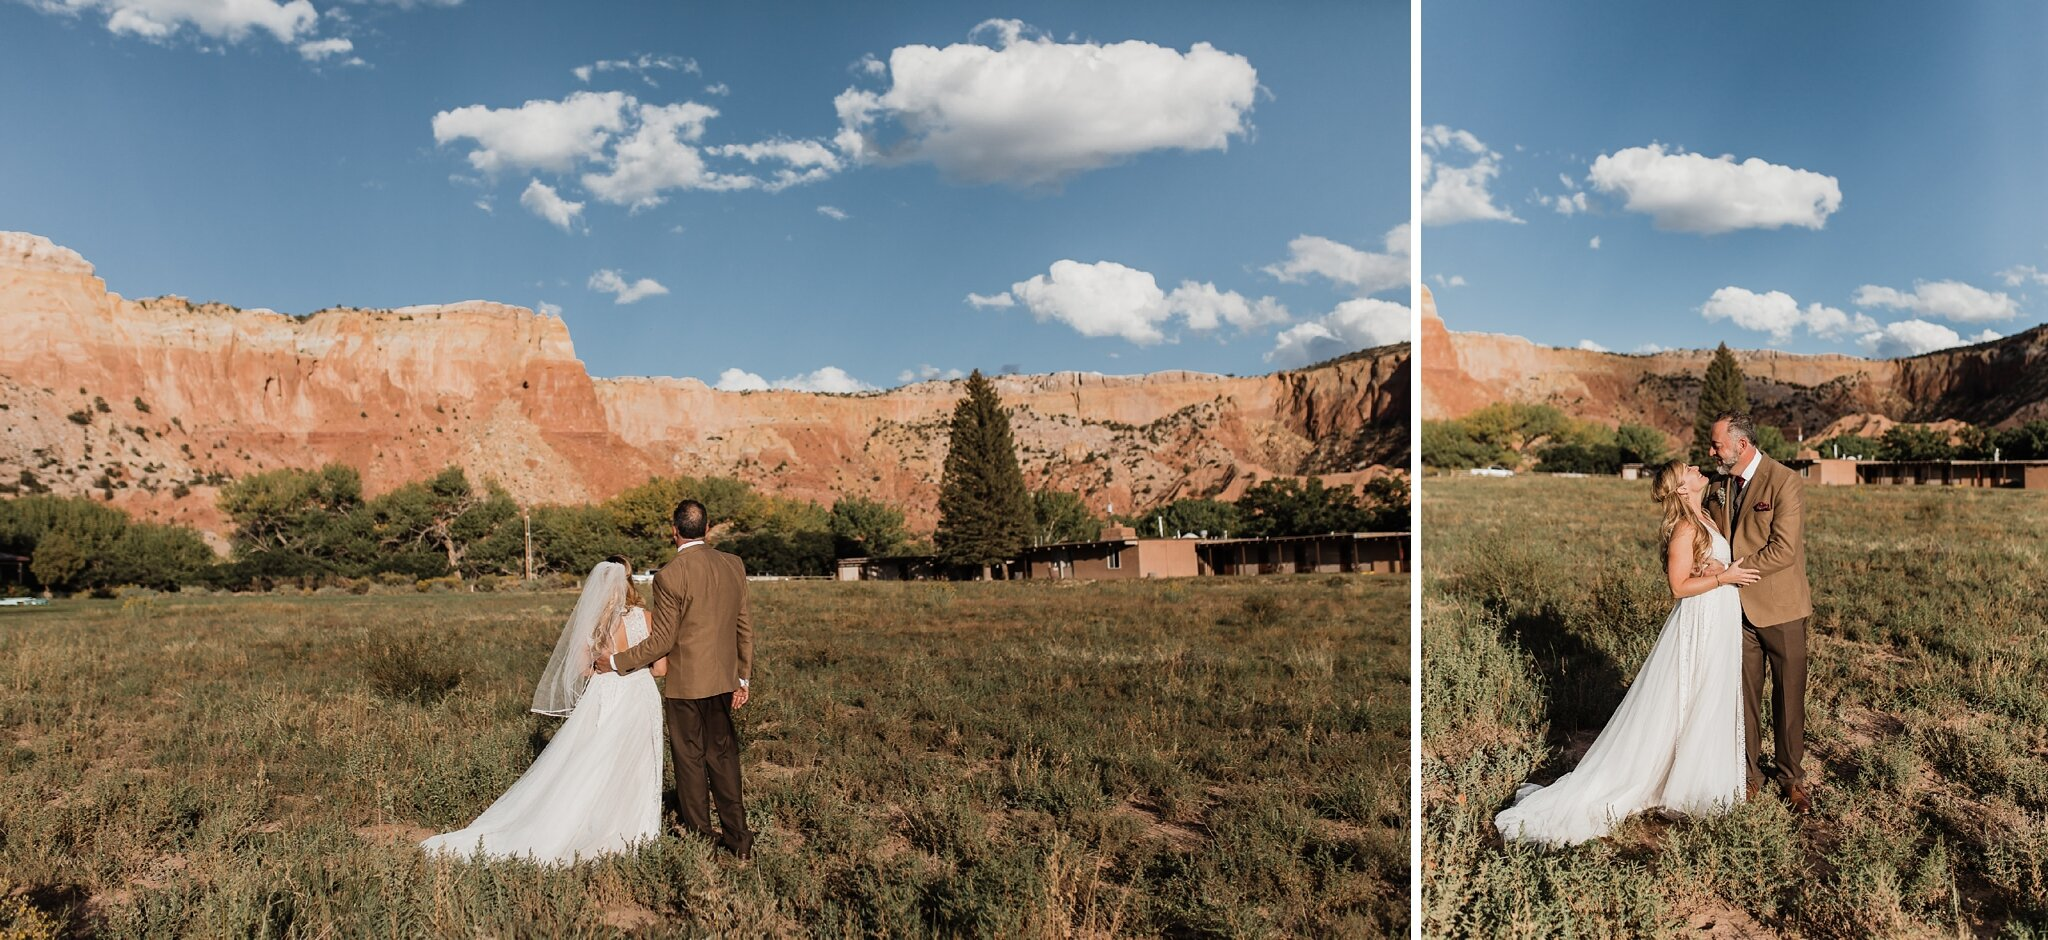 Alicia+lucia+photography+-+albuquerque+wedding+photographer+-+santa+fe+wedding+photography+-+new+mexico+wedding+photographer+-+new+mexico+wedding+-+wedding+-+santa+fe+wedding+-+ghost+ranch+-+ghost+ranch+wedding+-+fall+wedding_0051.jpg